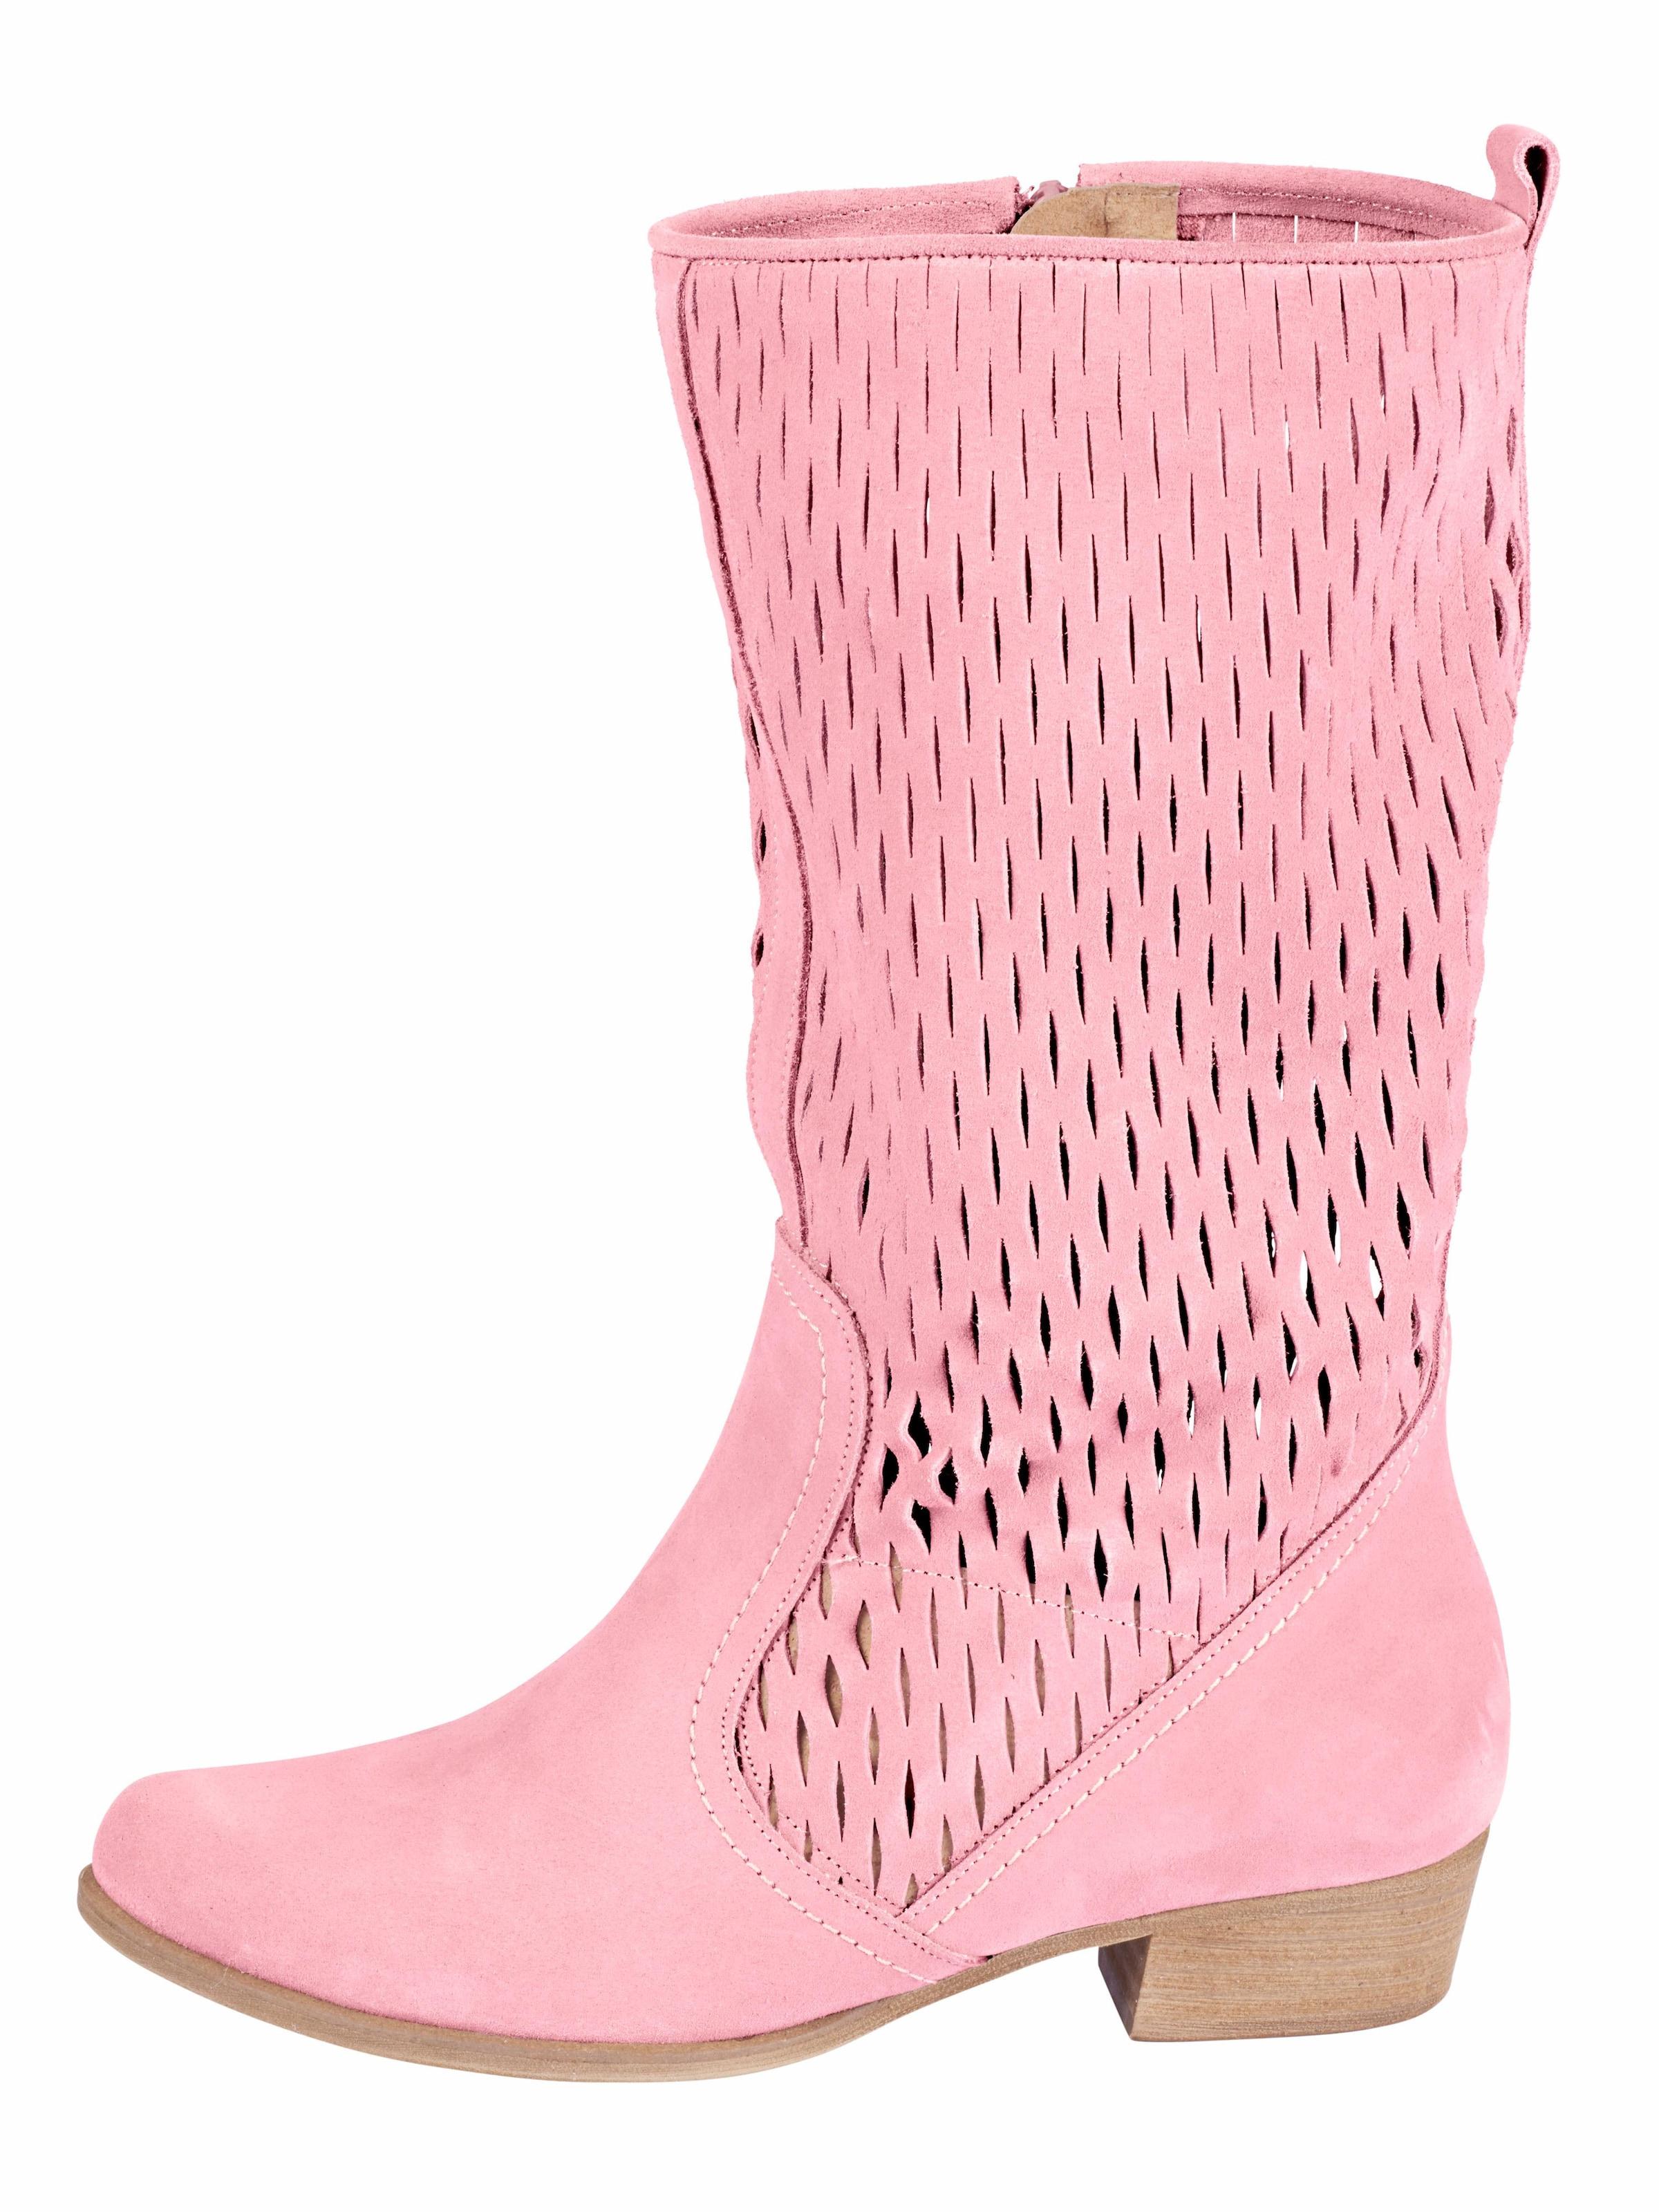 heine Stiefel Verschleißfeste billige Schuhe Hohe Qualität